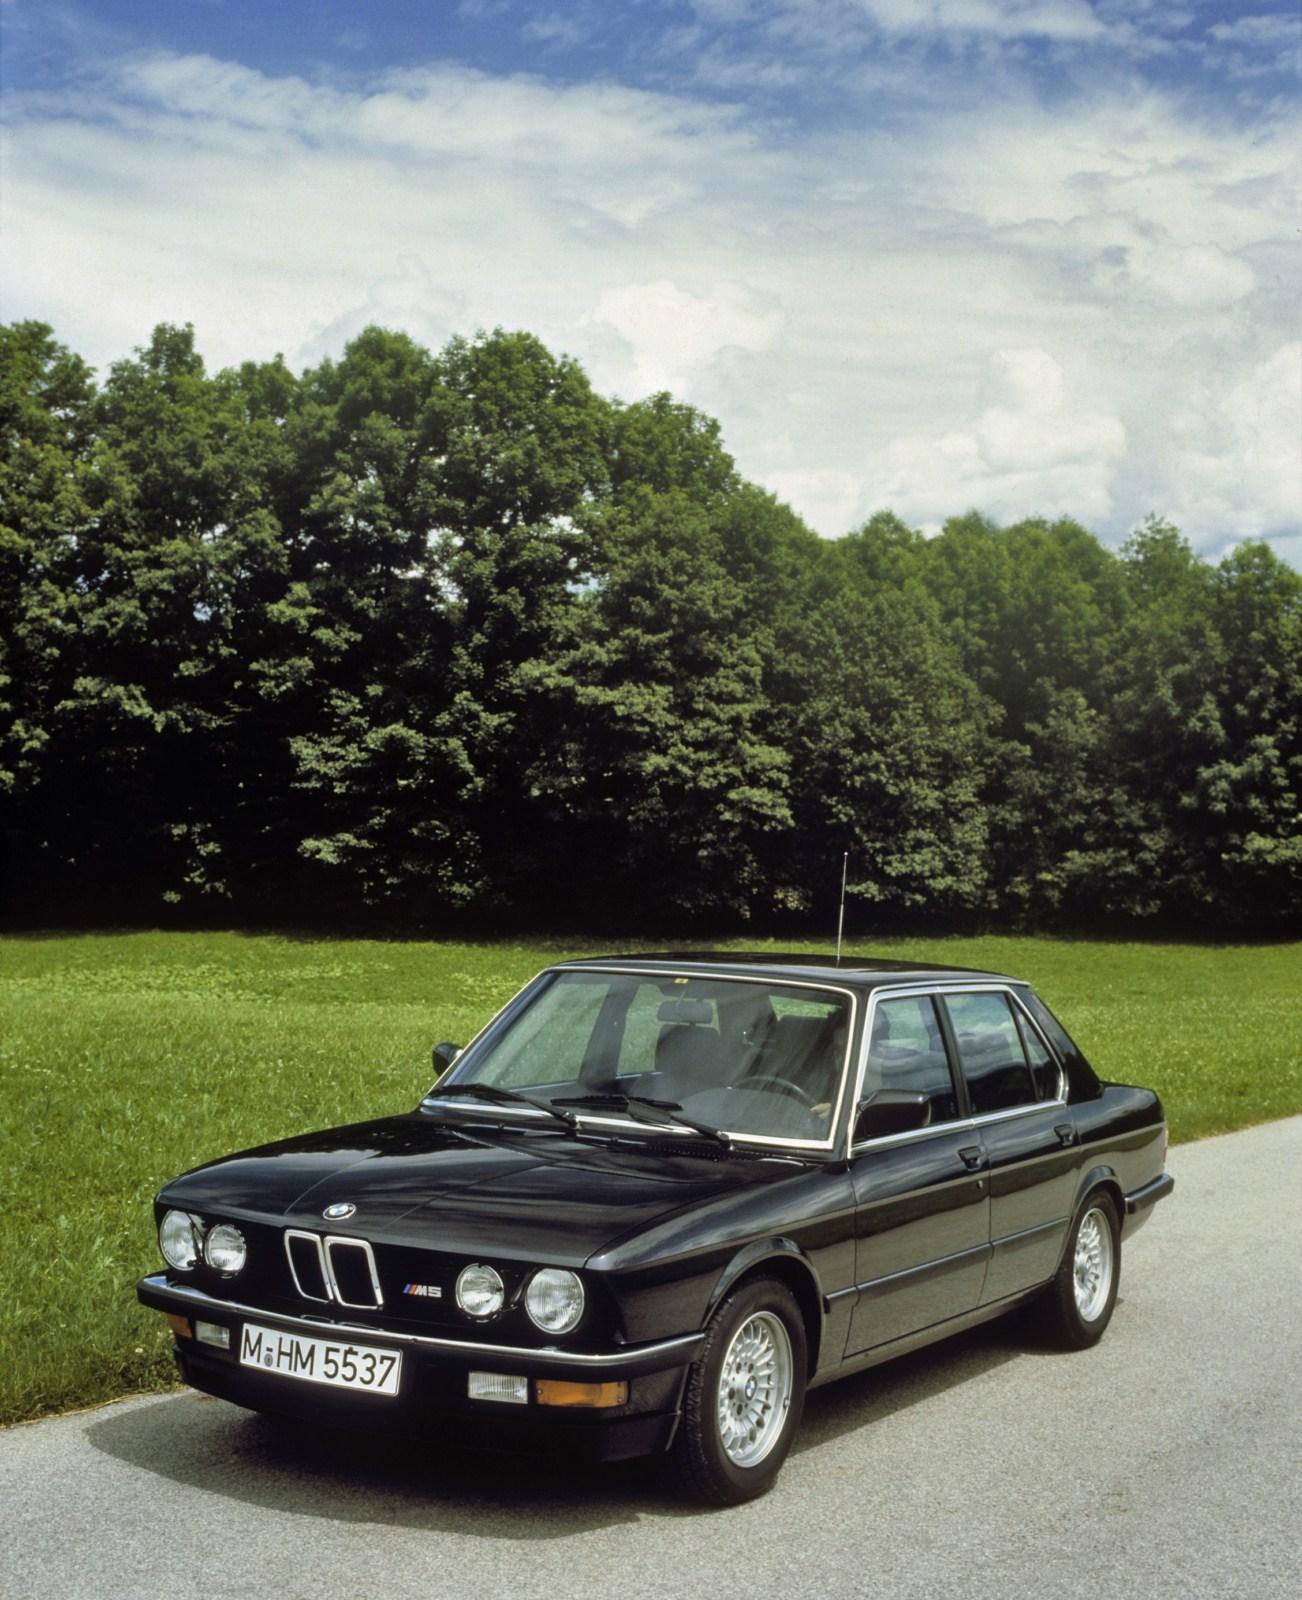 Bmw Years: 40 χρόνια ιστορίας του τμήματος Μ της BMW